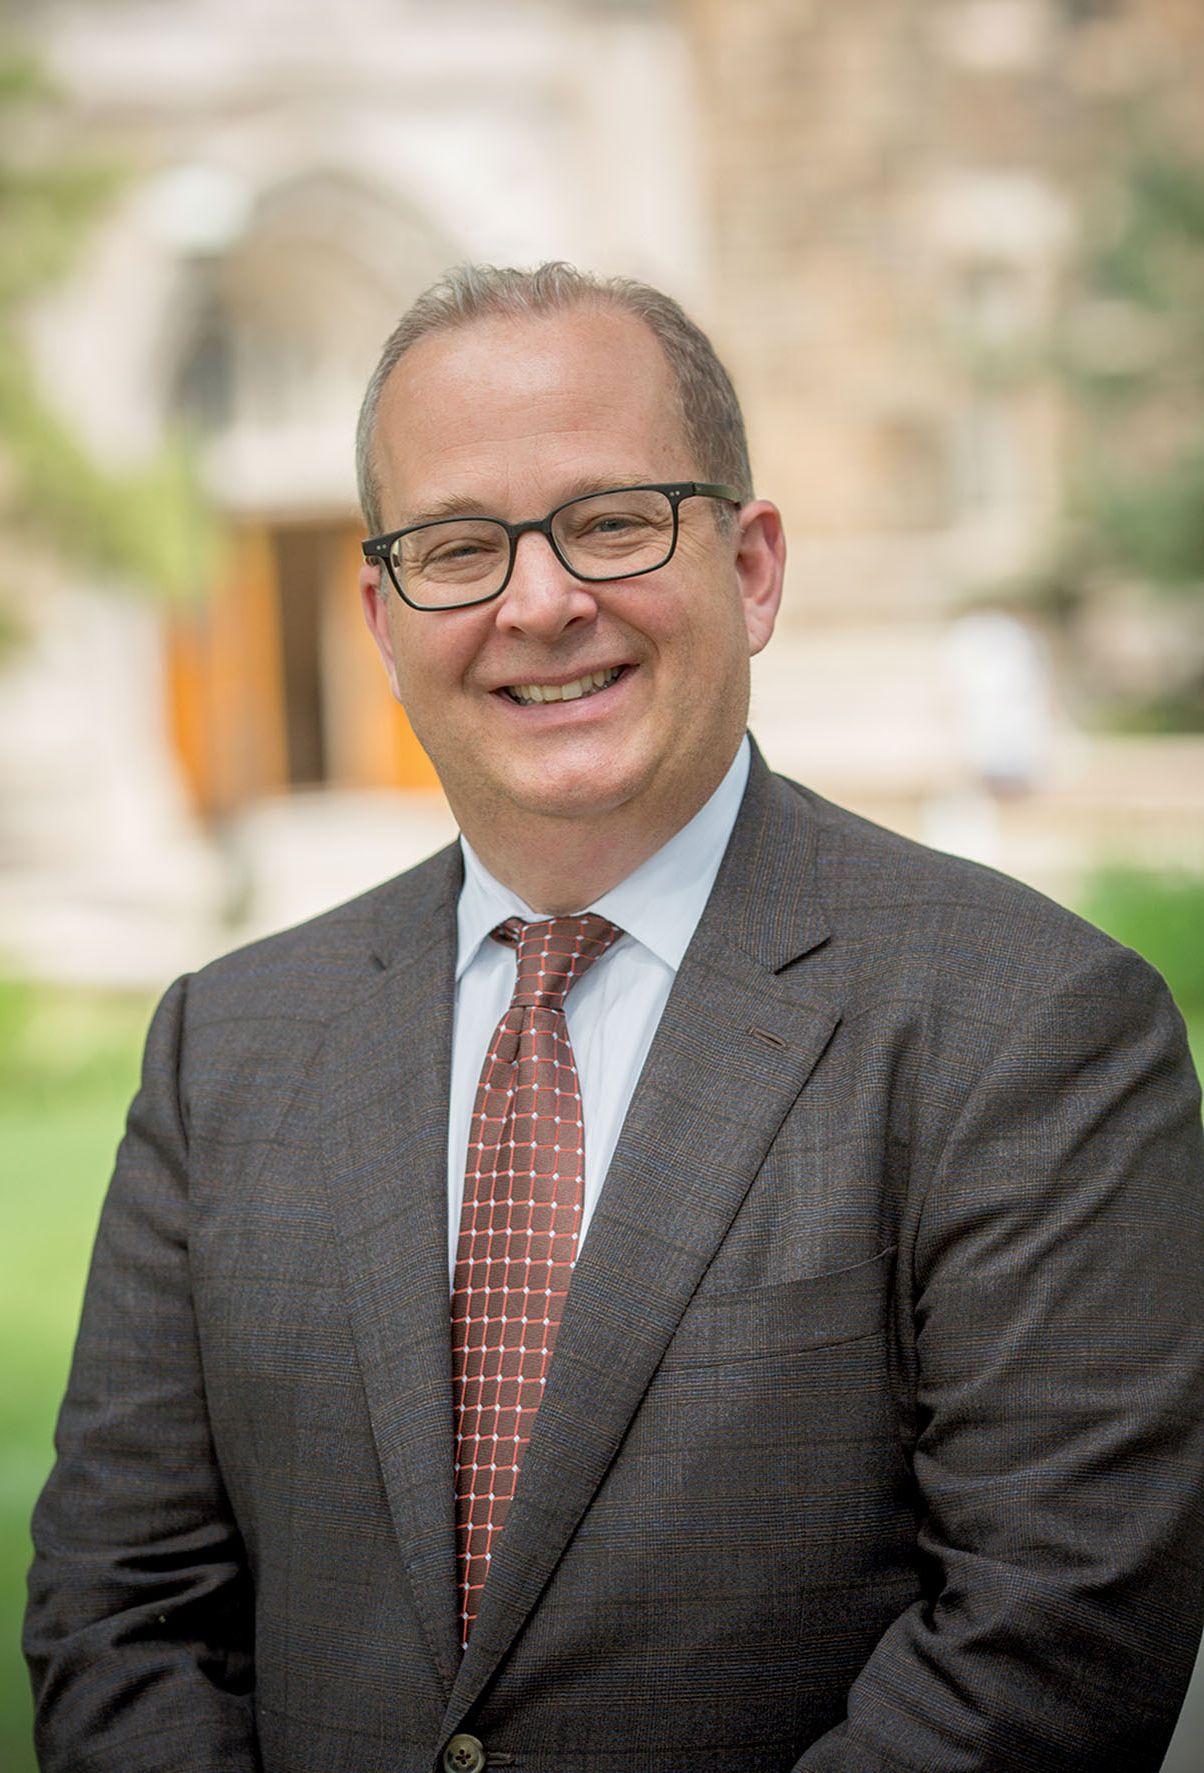 Rossin College Dean Steve DeWeerth